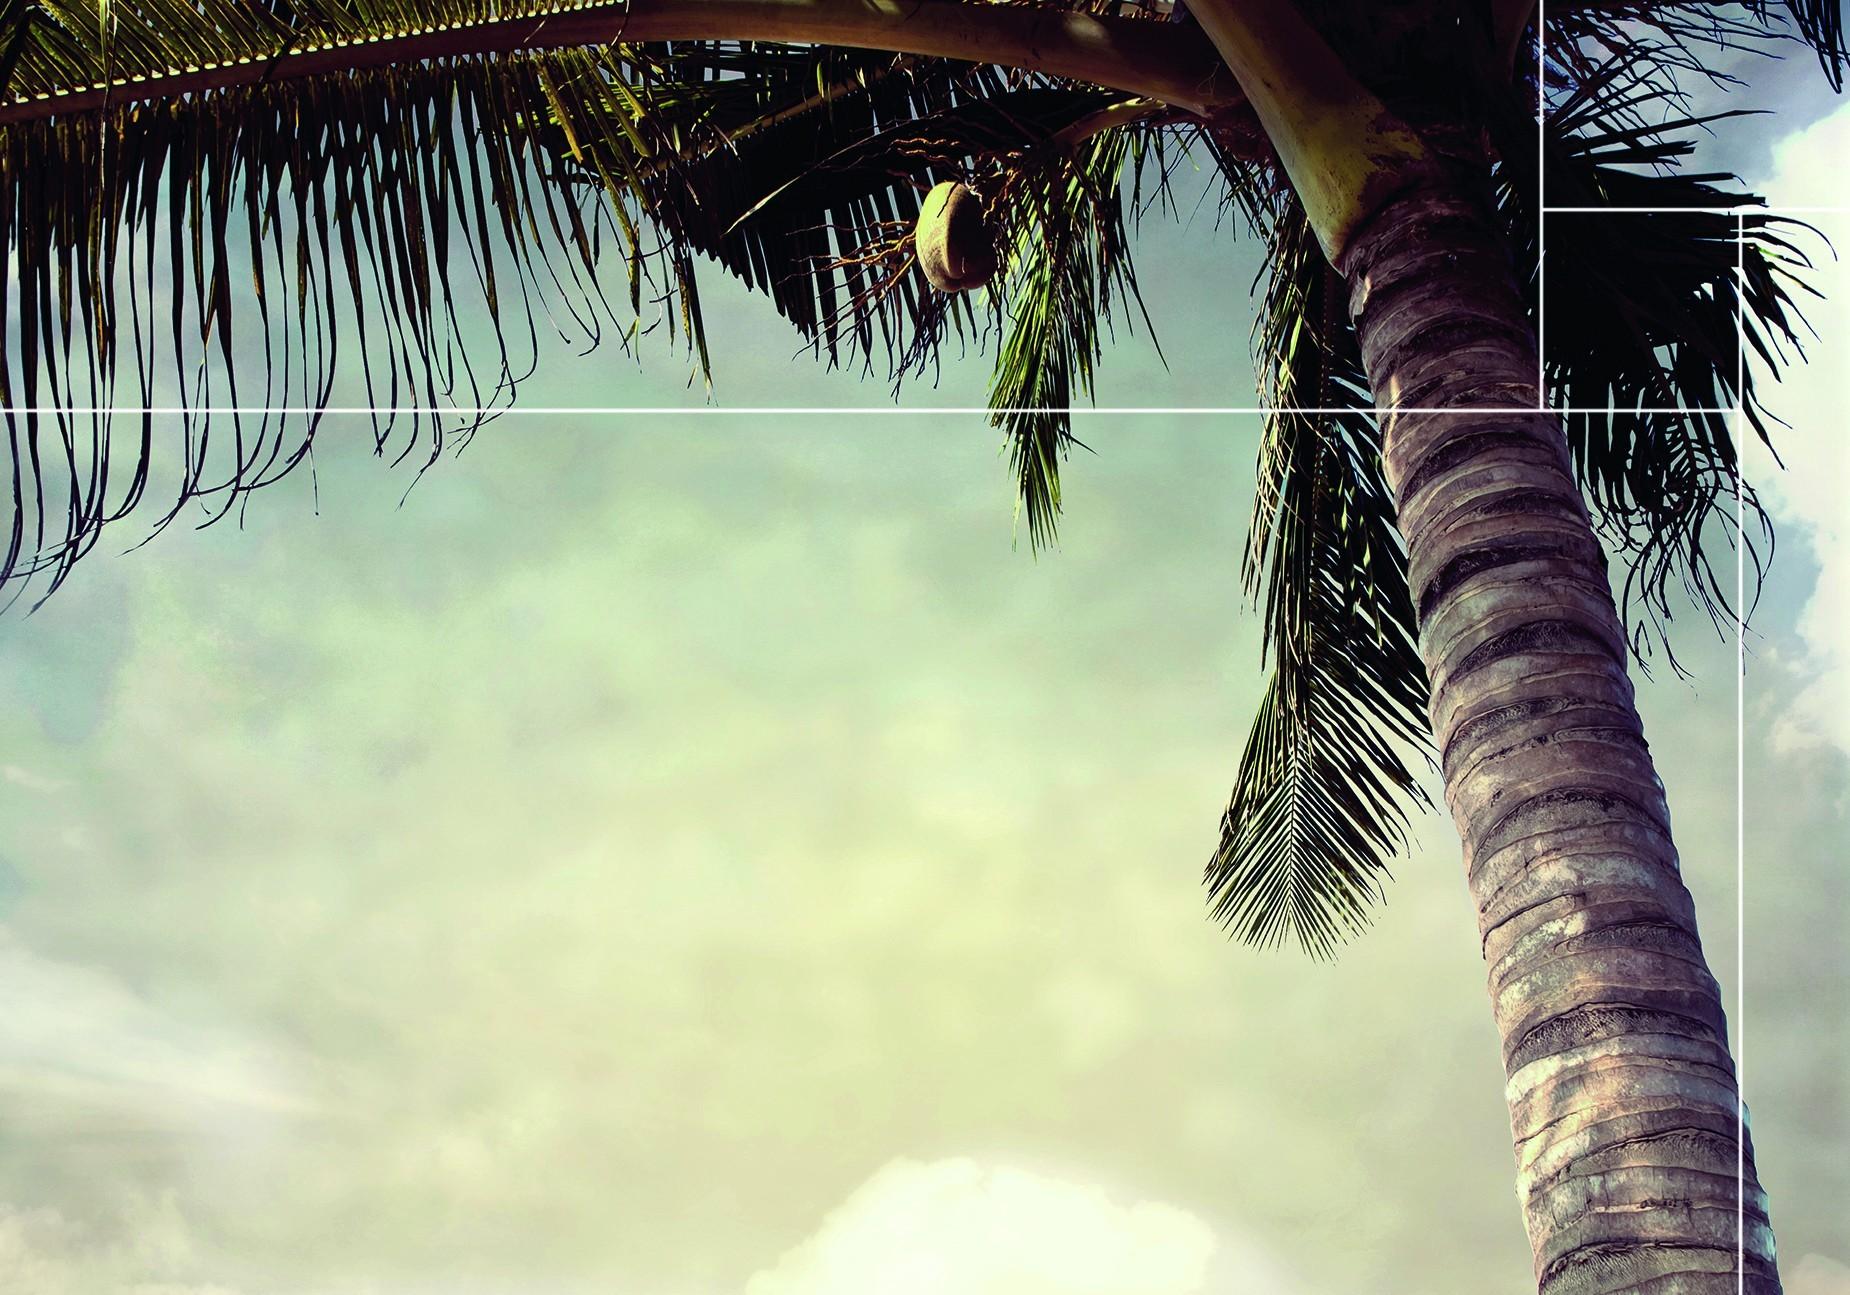 Vind hier de wanddecoratie van de Boracay Beach collectie |Nature@home